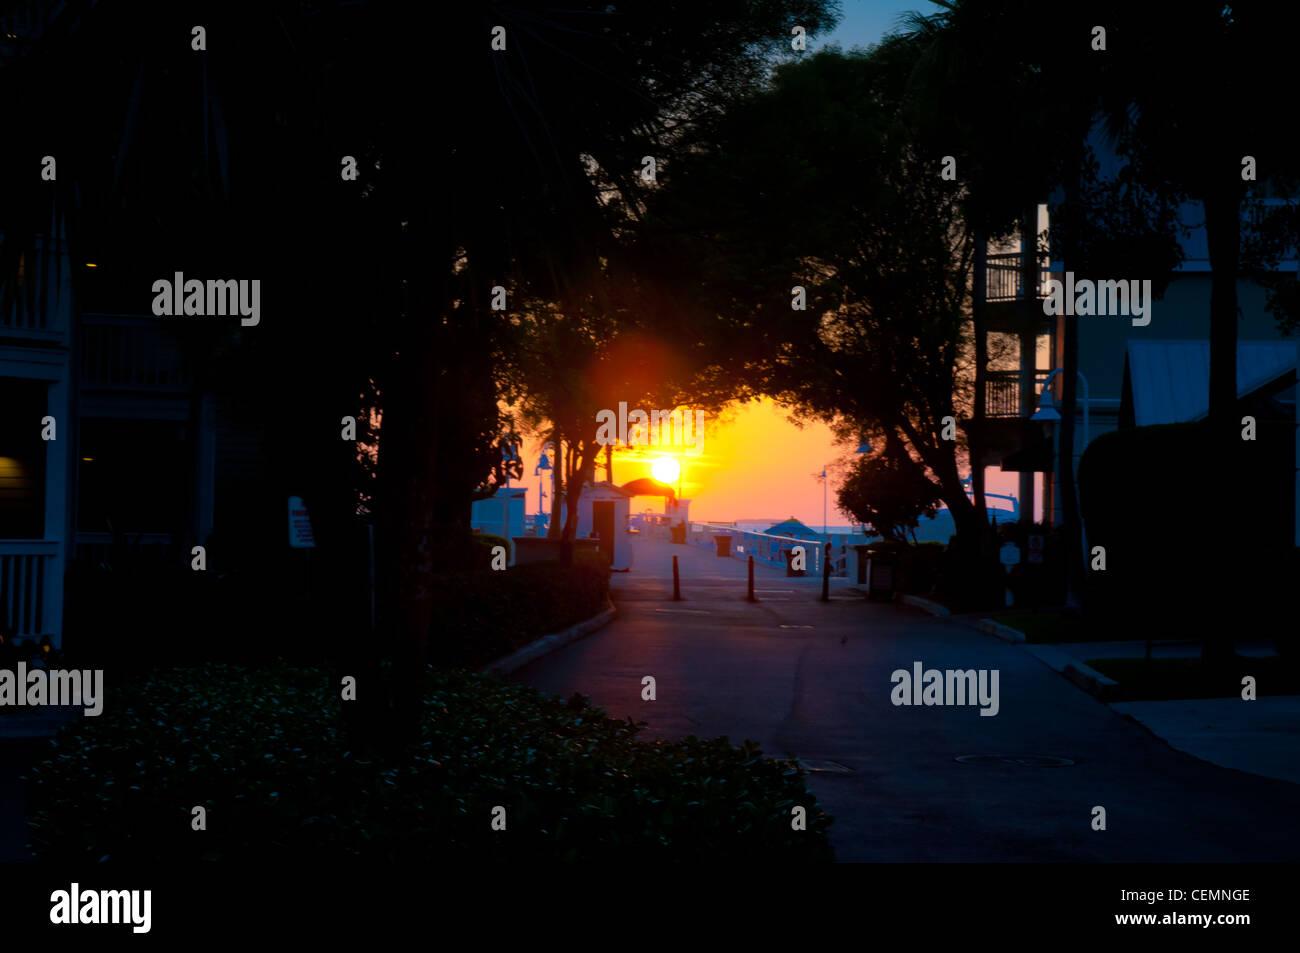 Sunset on Mallory Square Key West, Florida - Stock Image